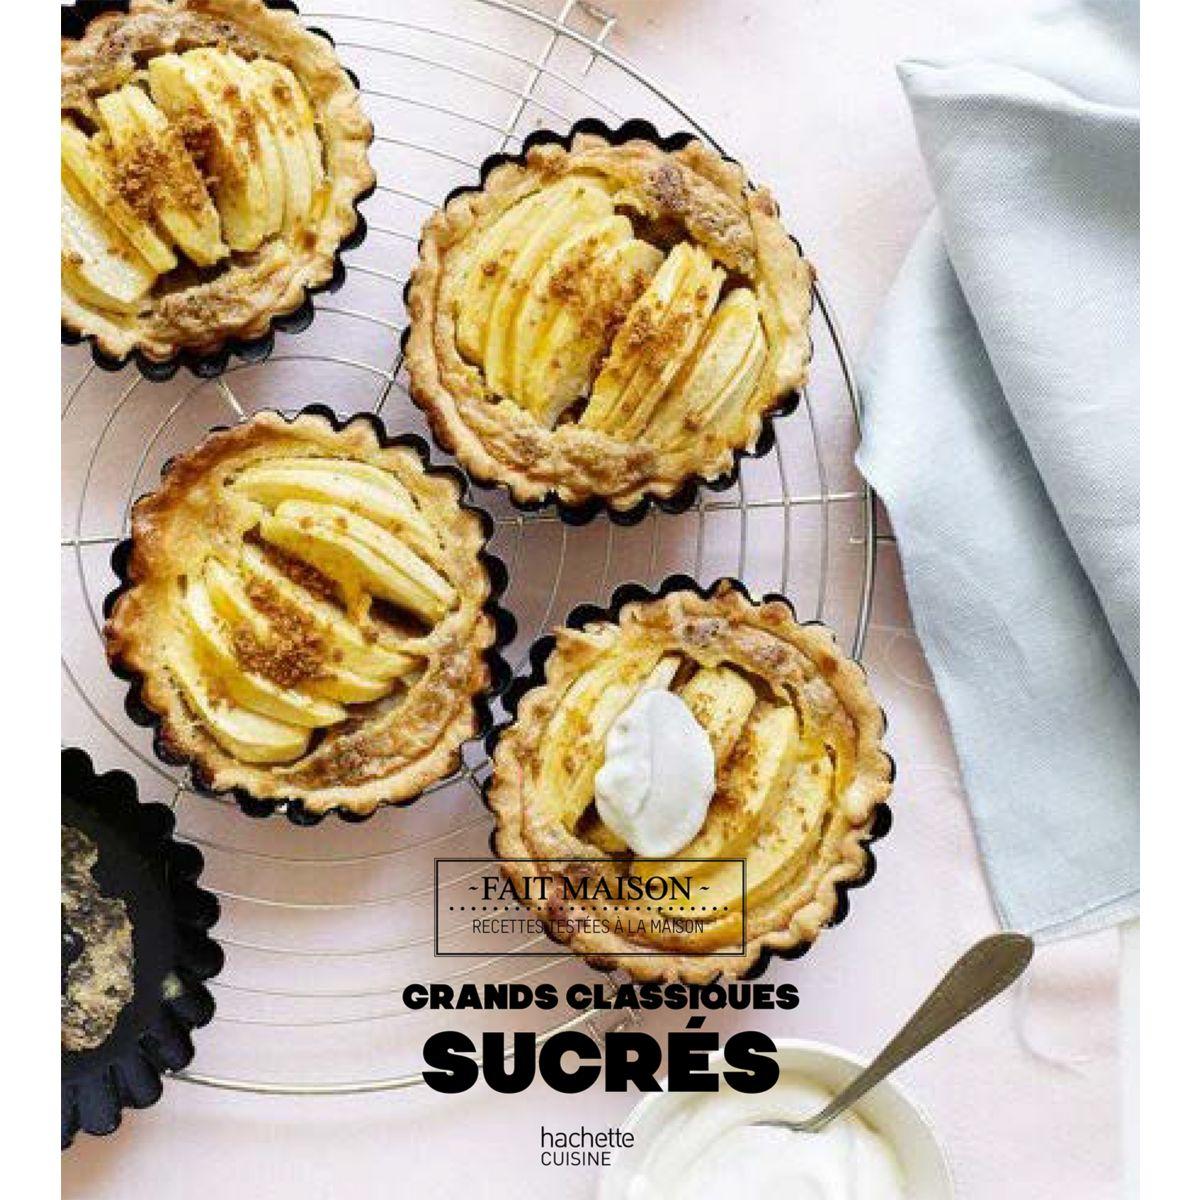 Livre hachette grands classiques sucres - la sélection webdistrib.com (photo)